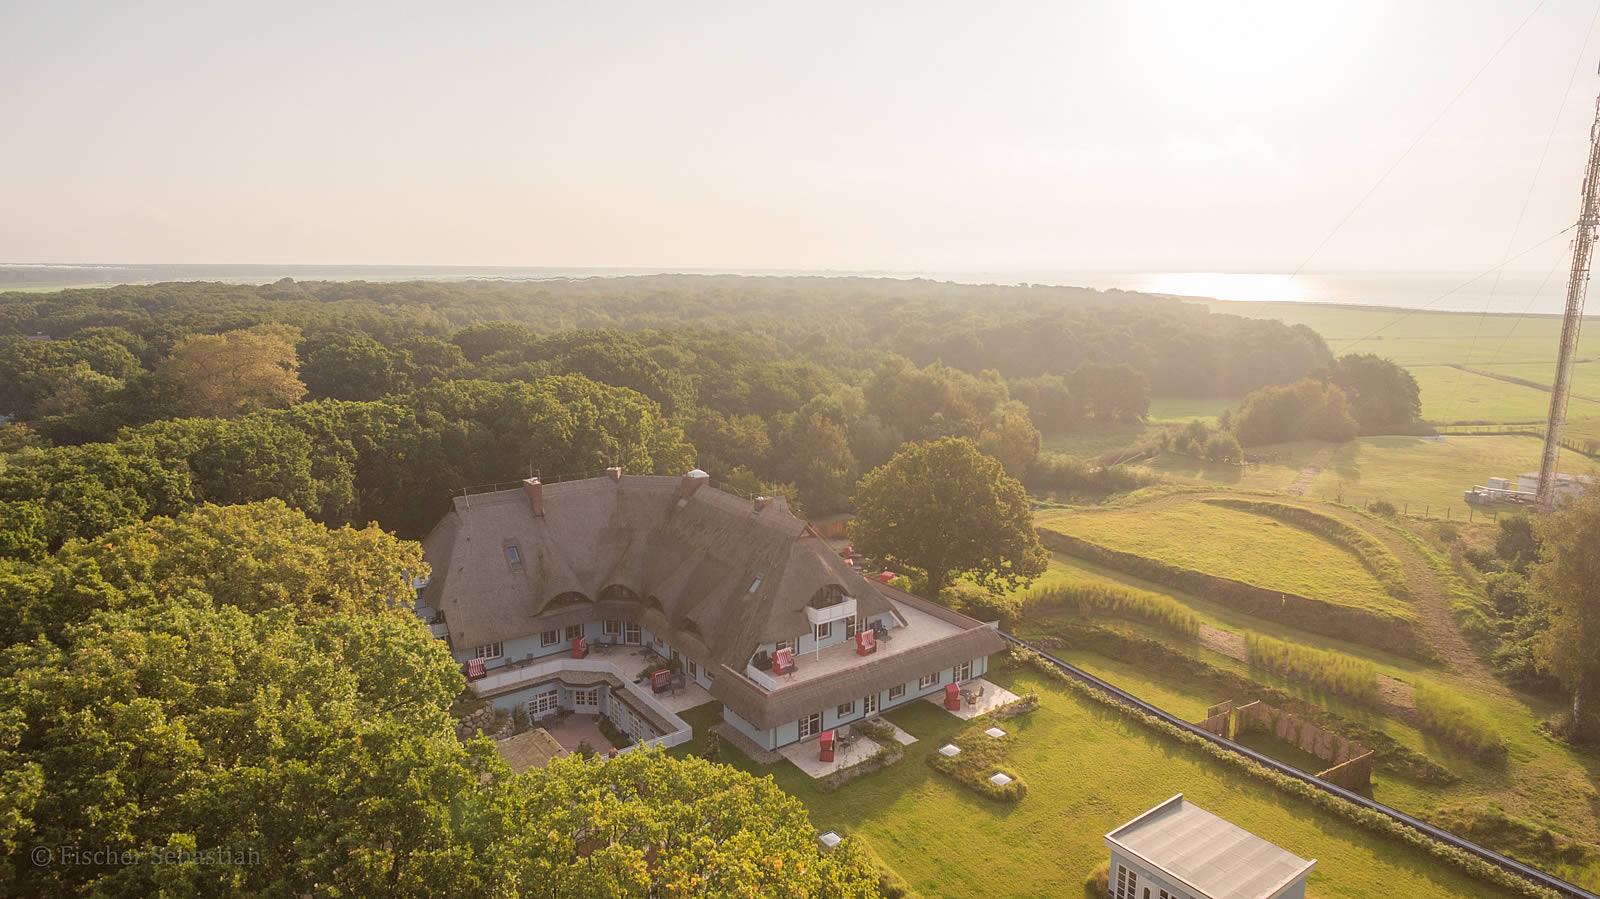 Hotel Fischerwiege, Blick zum Bodden, Frühherbst 2017